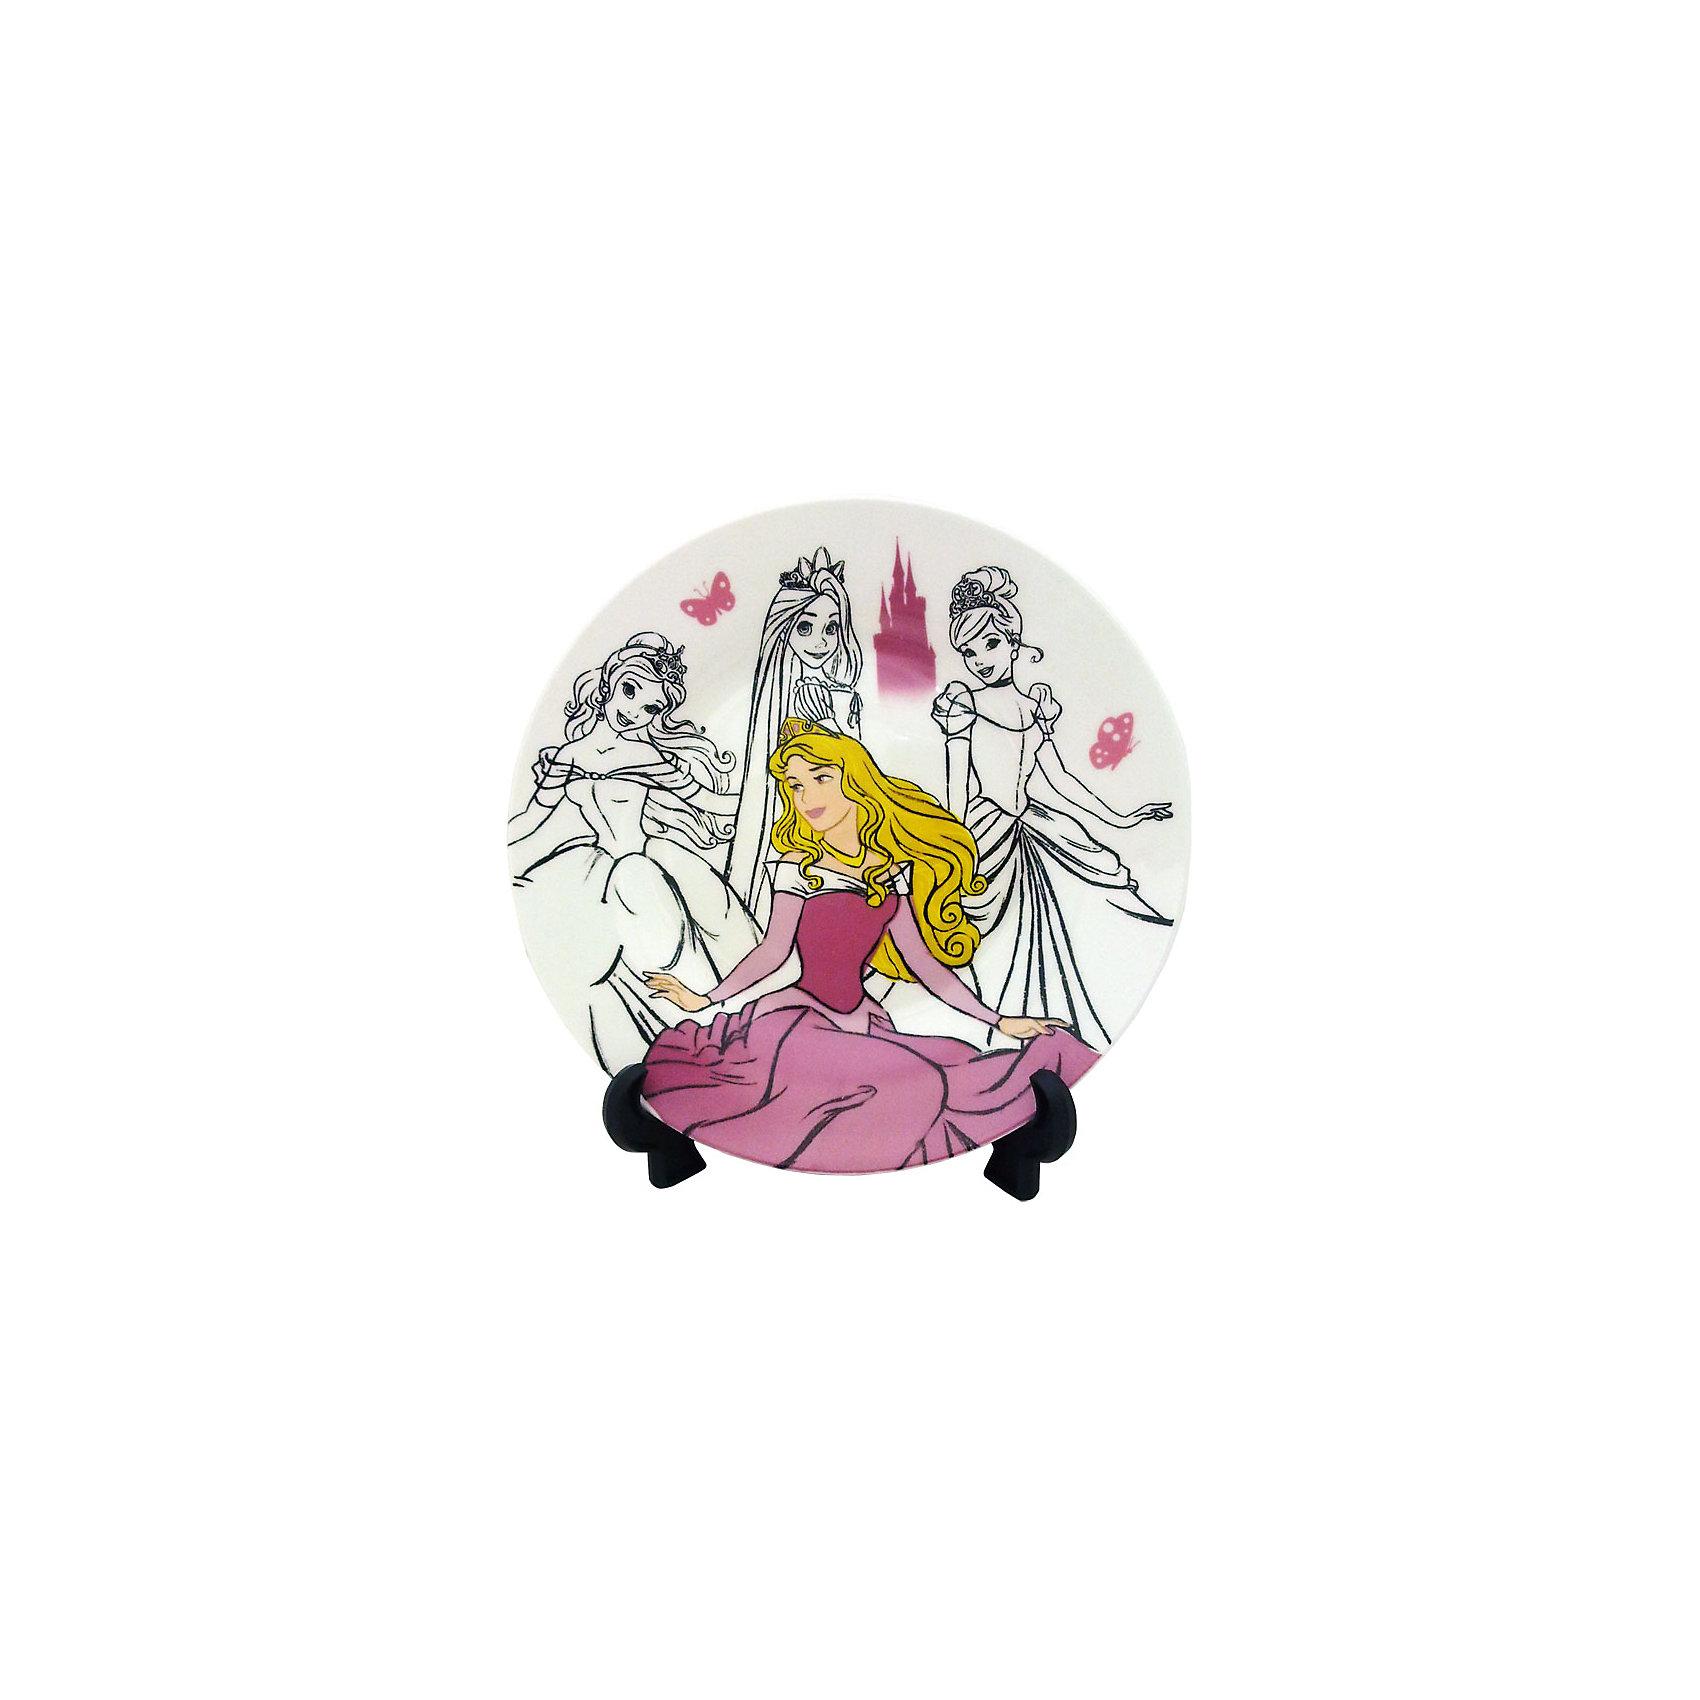 Тарелка керамическая Спящая красавица Аврора (диаметр 19см), Принцессы ДиснейДети любят окружать себя всем, что связано с их любимыми героями. Ваша девочка придет в восторг от такой тарелки. Изготовленная из высококачественного материала, тарелка имеет подставку, может являться прекрасным украшением интерьера или же эффектным дополнением сервировки обеденного стола.<br><br>Дополнительная информация:<br><br>- Материал: керамика.<br>- Размер: диаметр 19см.<br>- Можно использовать в СВЧ печах.<br>- Подставка в комплект не входит.<br><br>Тарелка керамическая Спящая красавица Аврора (диаметр 19см), Disney Princess (Принцессы Диснея) можно купить в нашем магазине.<br><br>Ширина мм: 190<br>Глубина мм: 190<br>Высота мм: 10<br>Вес г: 284<br>Возраст от месяцев: 36<br>Возраст до месяцев: 168<br>Пол: Женский<br>Возраст: Детский<br>SKU: 3930770